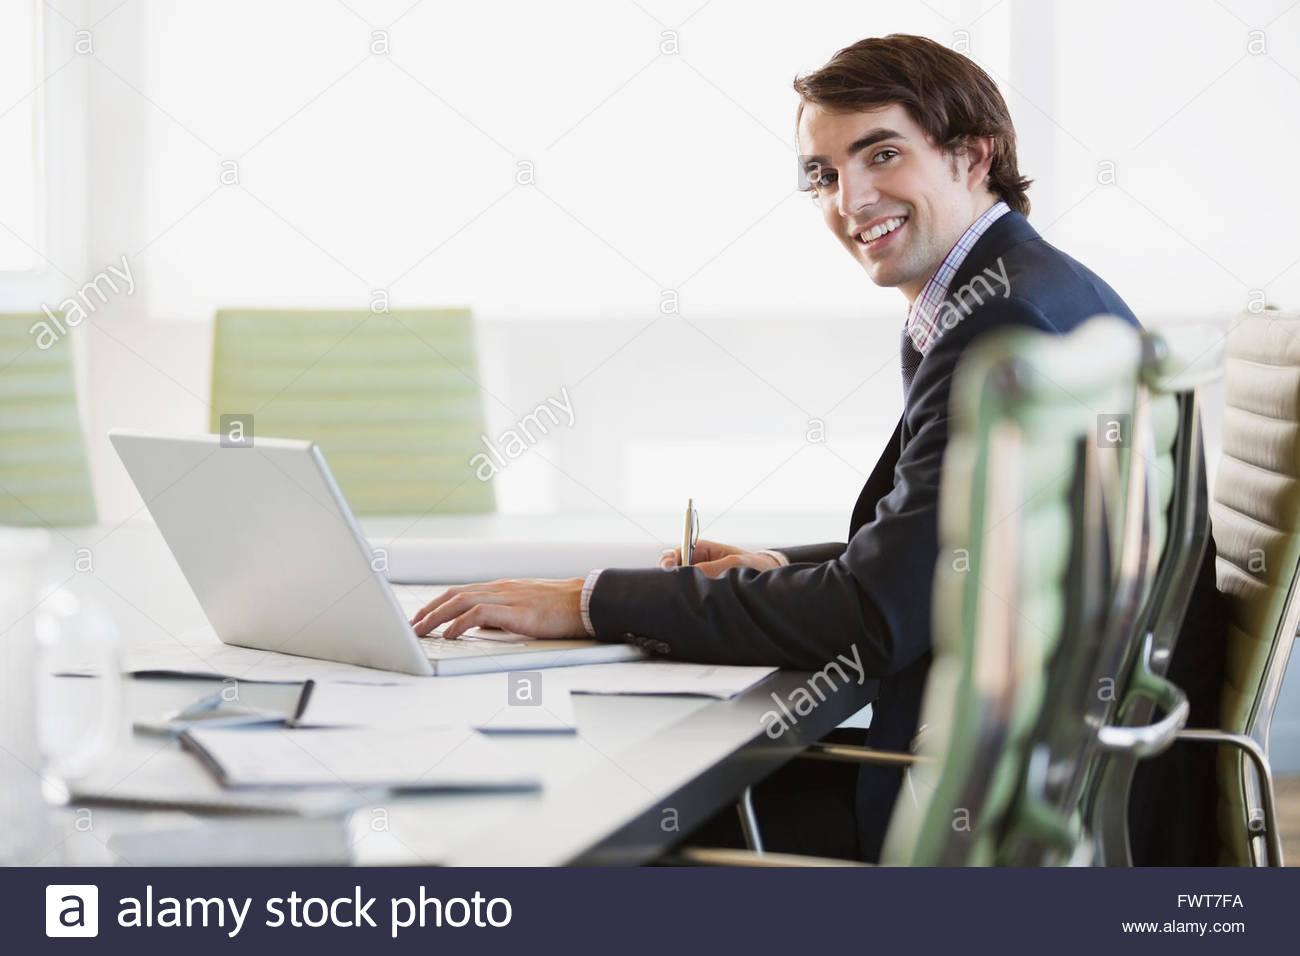 Porträt des jungen Geschäftsmann mit Laptop am Konferenztisch sitzen Stockbild